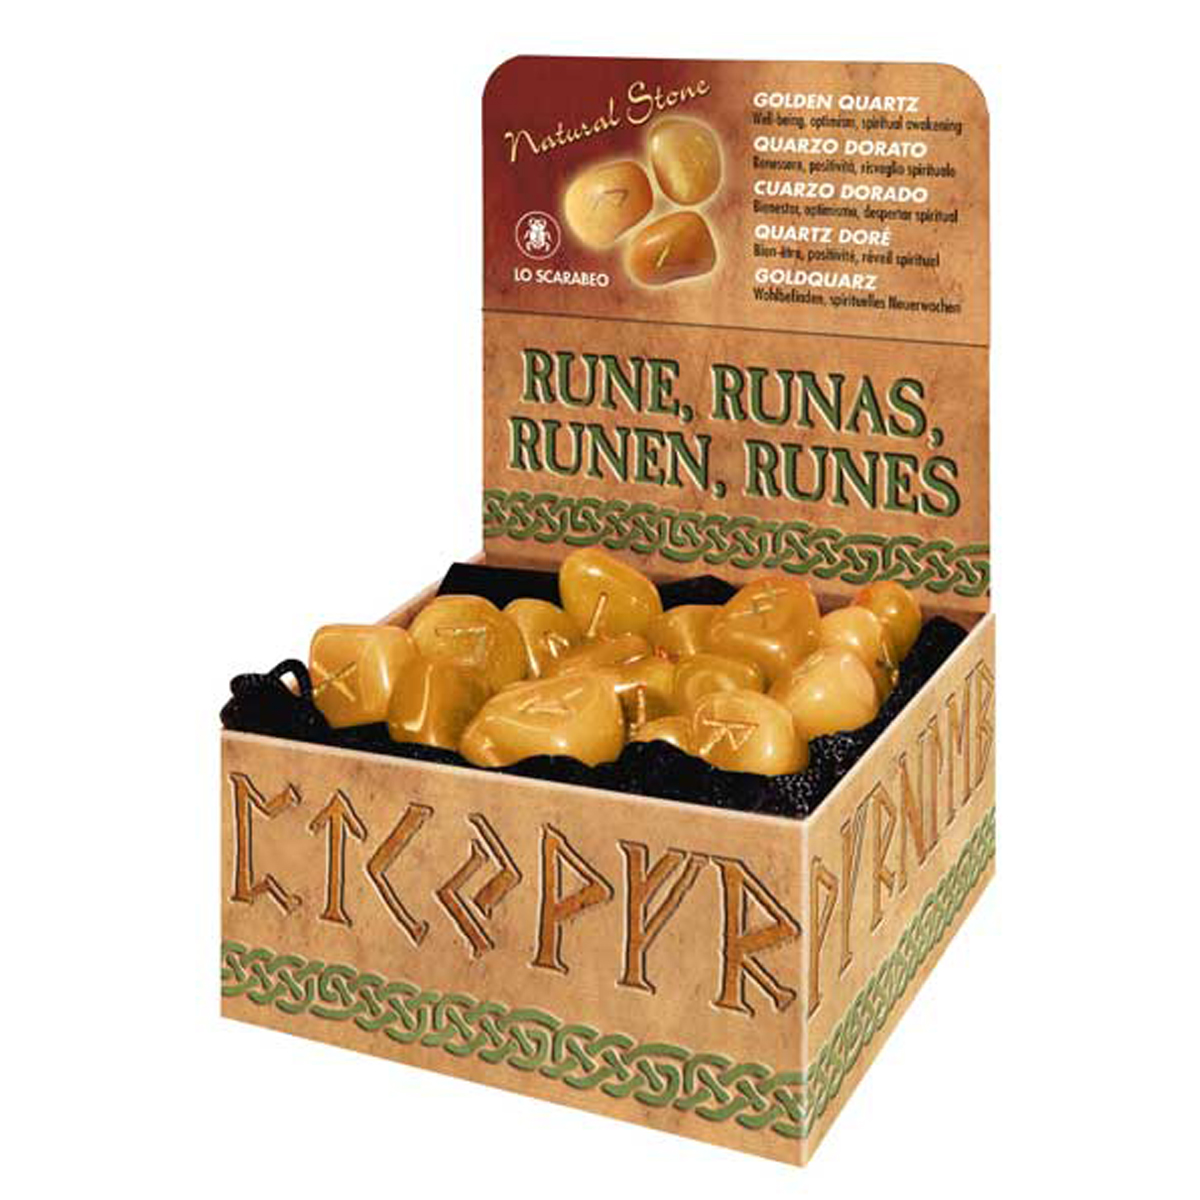 Coffret \'Runes\' quartz doré (bien-être, positivité, réveil spirituel) - [R0601]